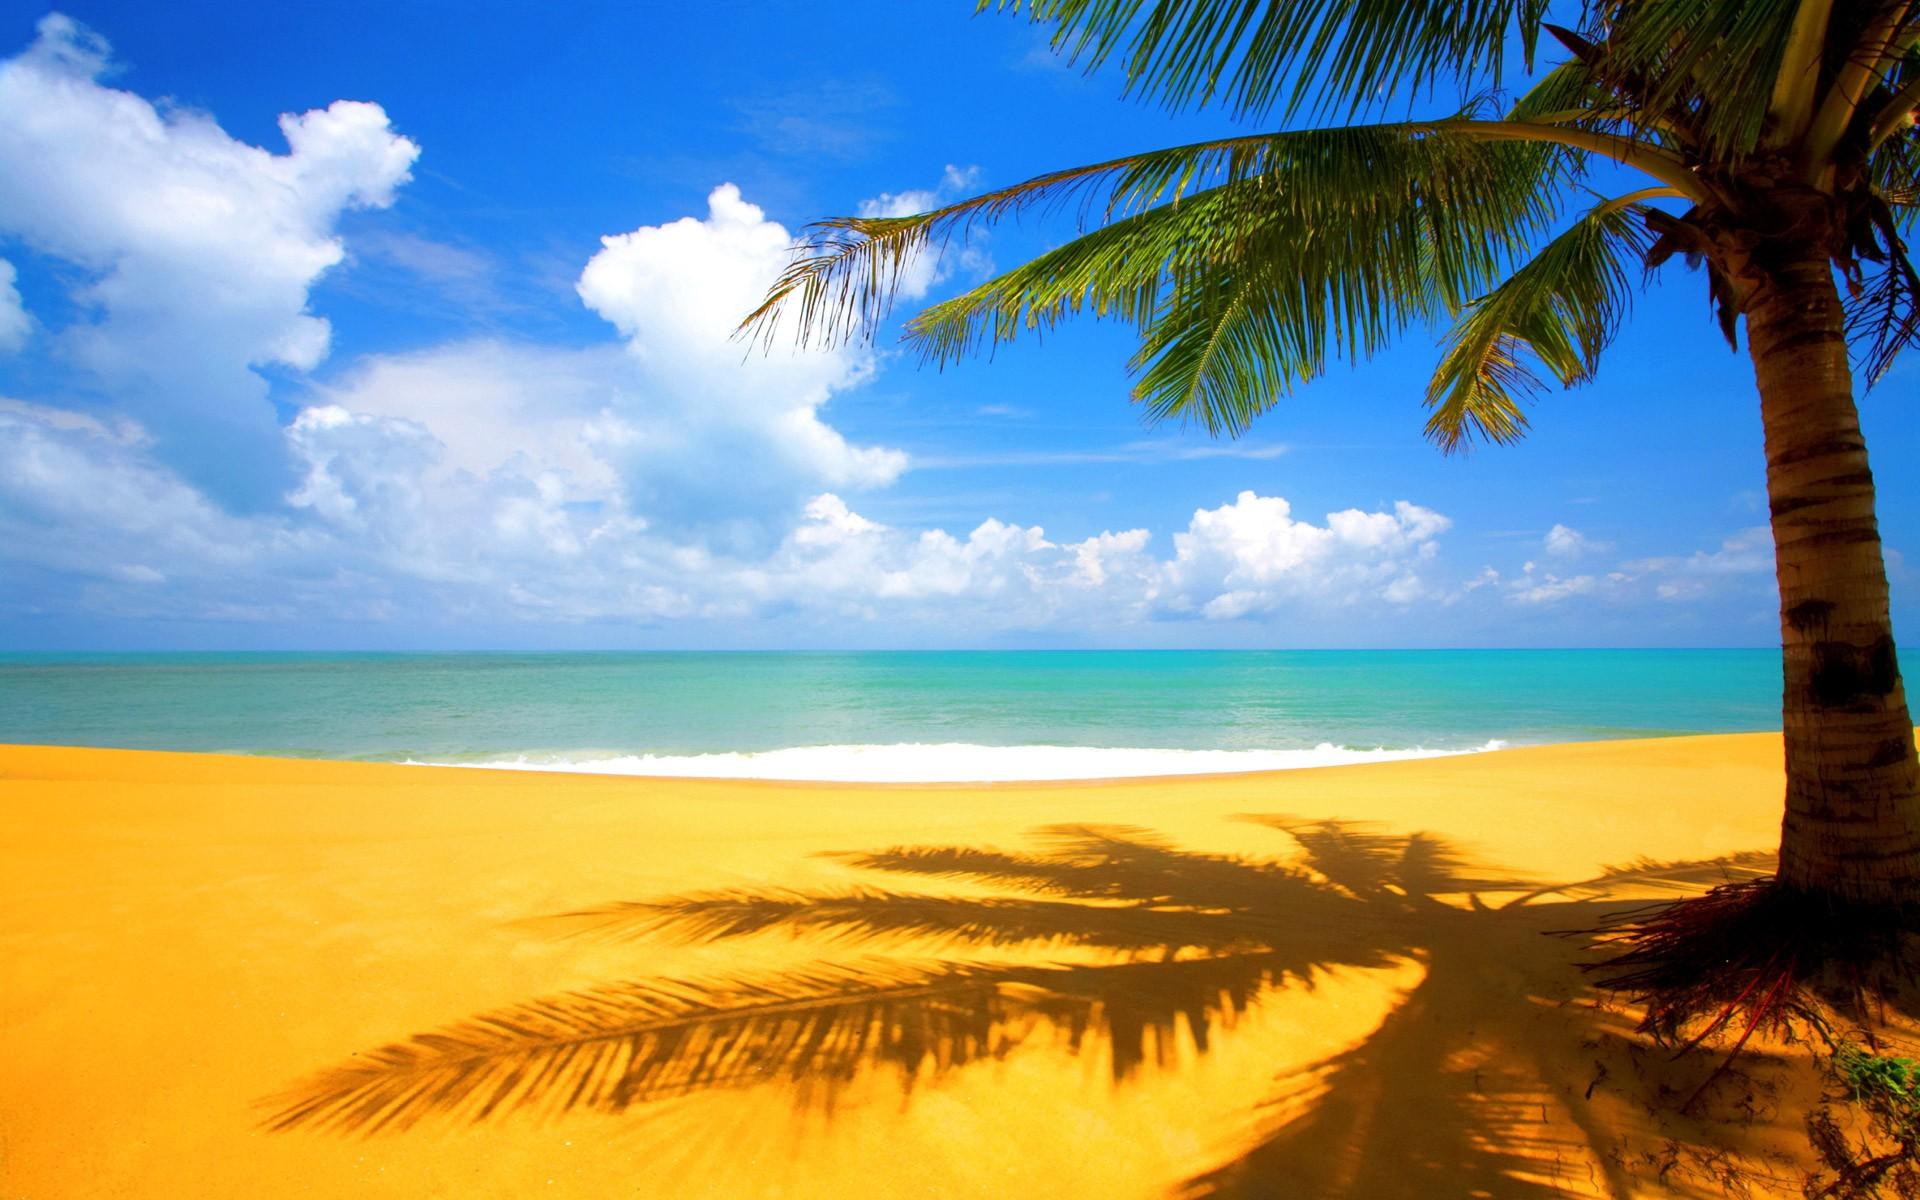 beach desktop wallpapers beach photos beach pictures beach images 1920x1200